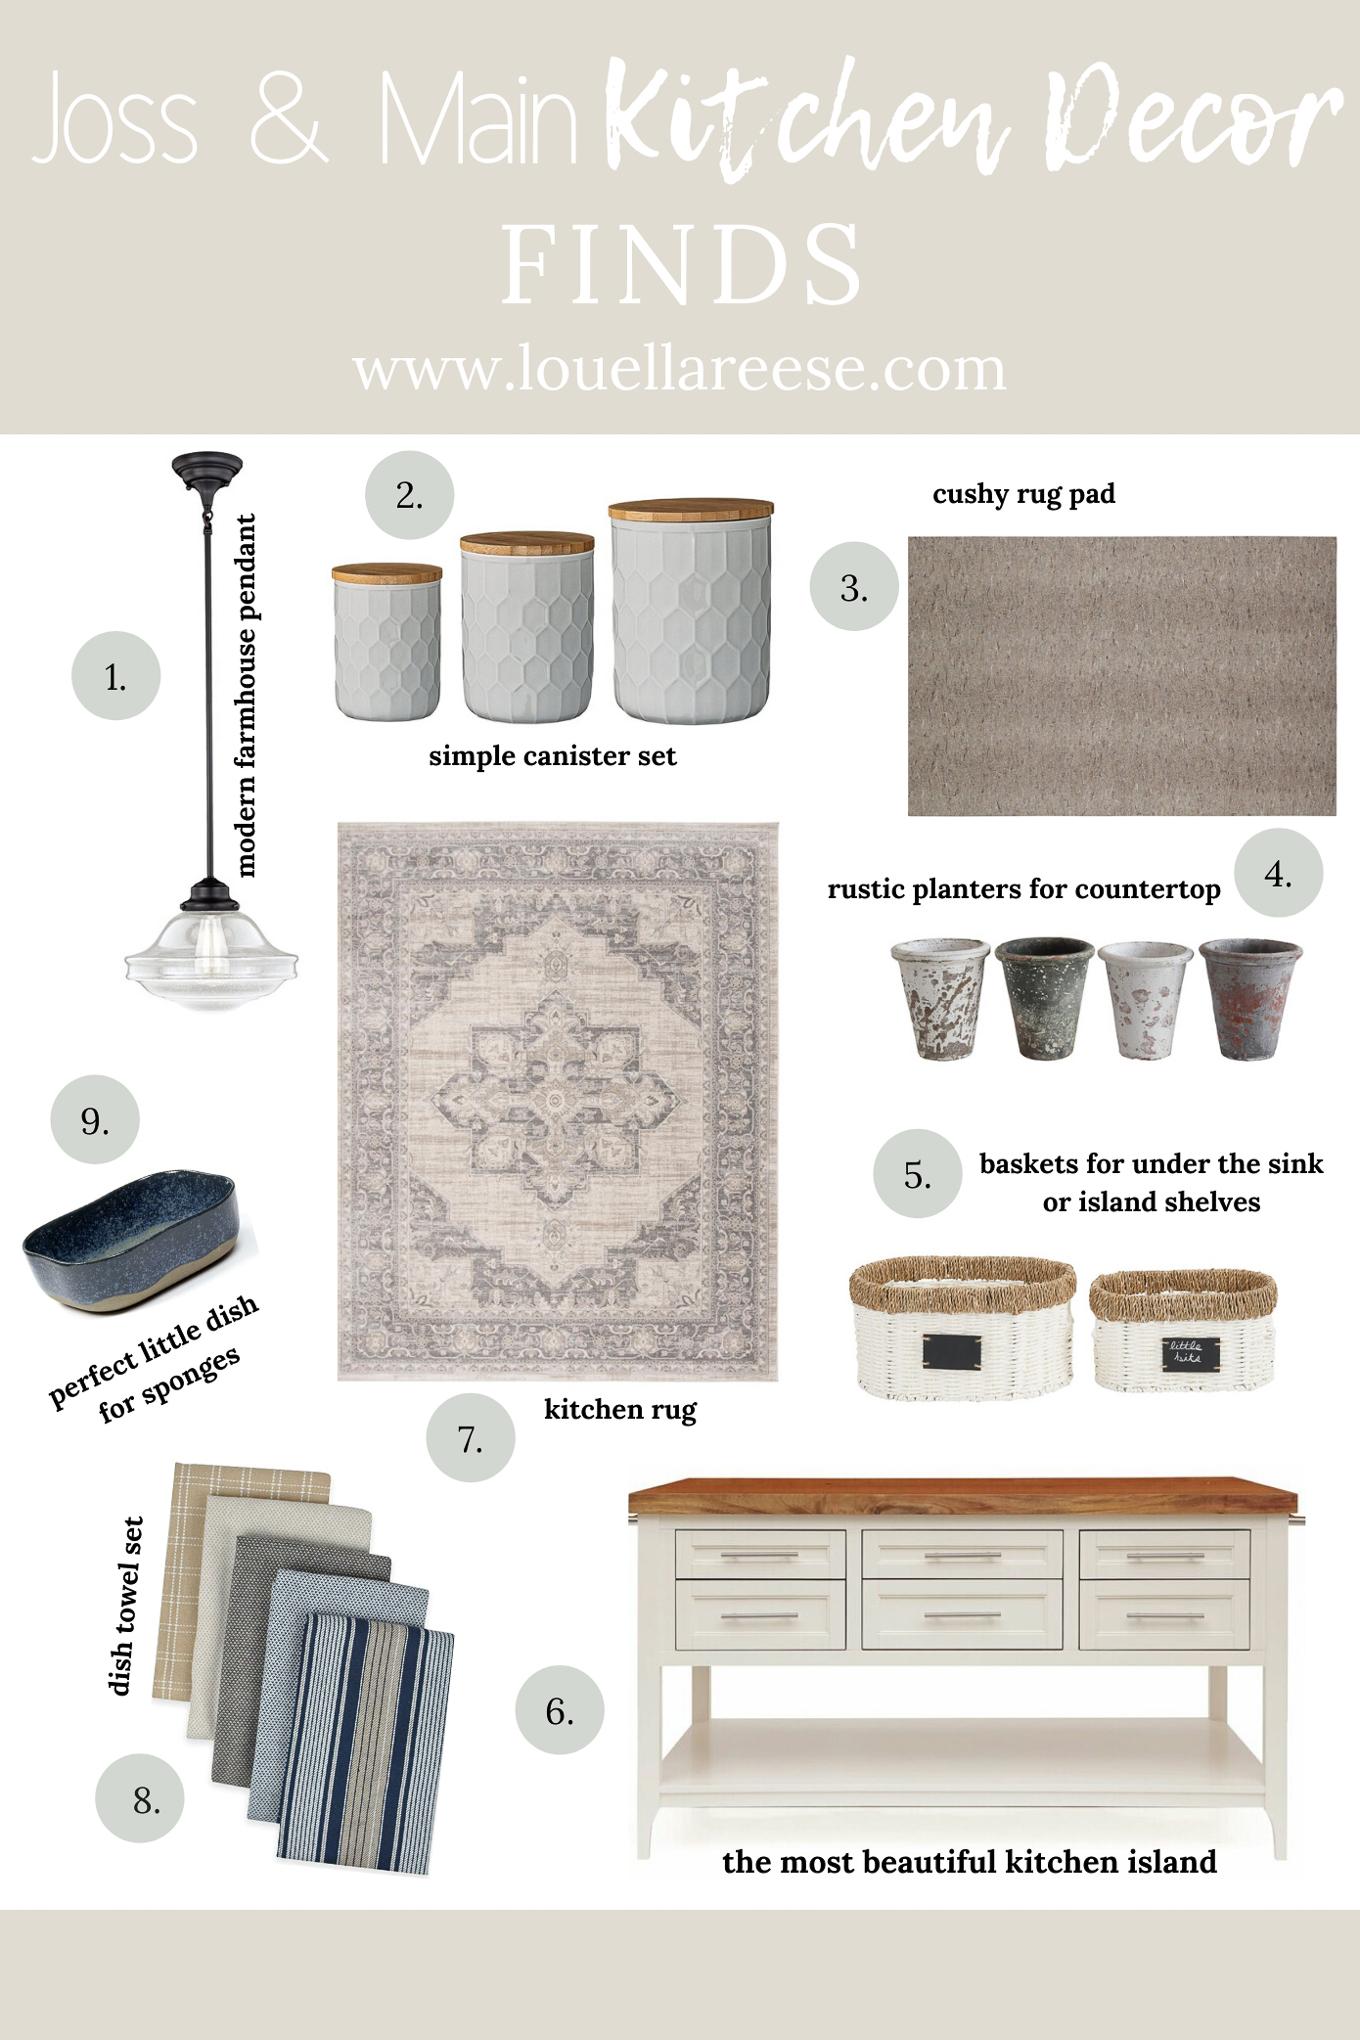 Kitchen Decor Finds | Kitchen Rug, Kitchen Pendant, Kitchen Island | Louella Reese